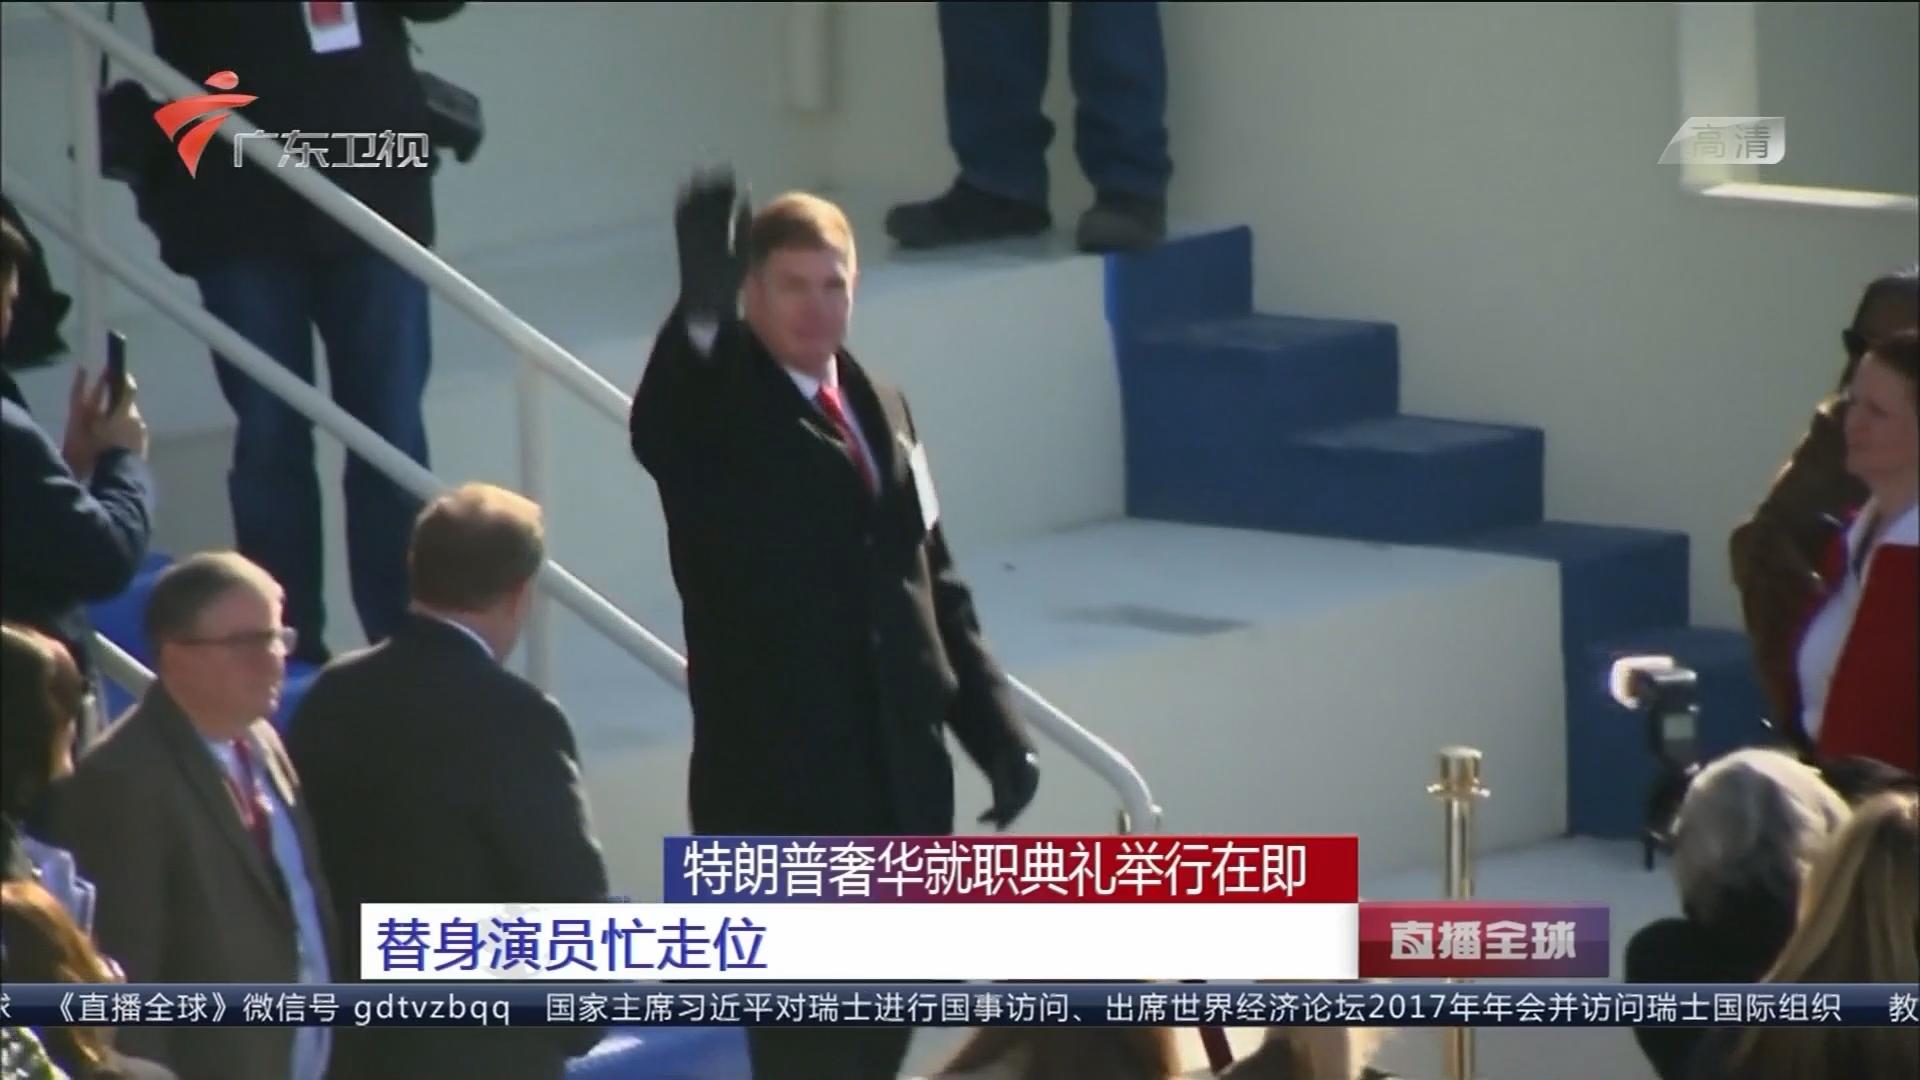 特朗普奢华就职典礼举行在即 替身演员忙走位